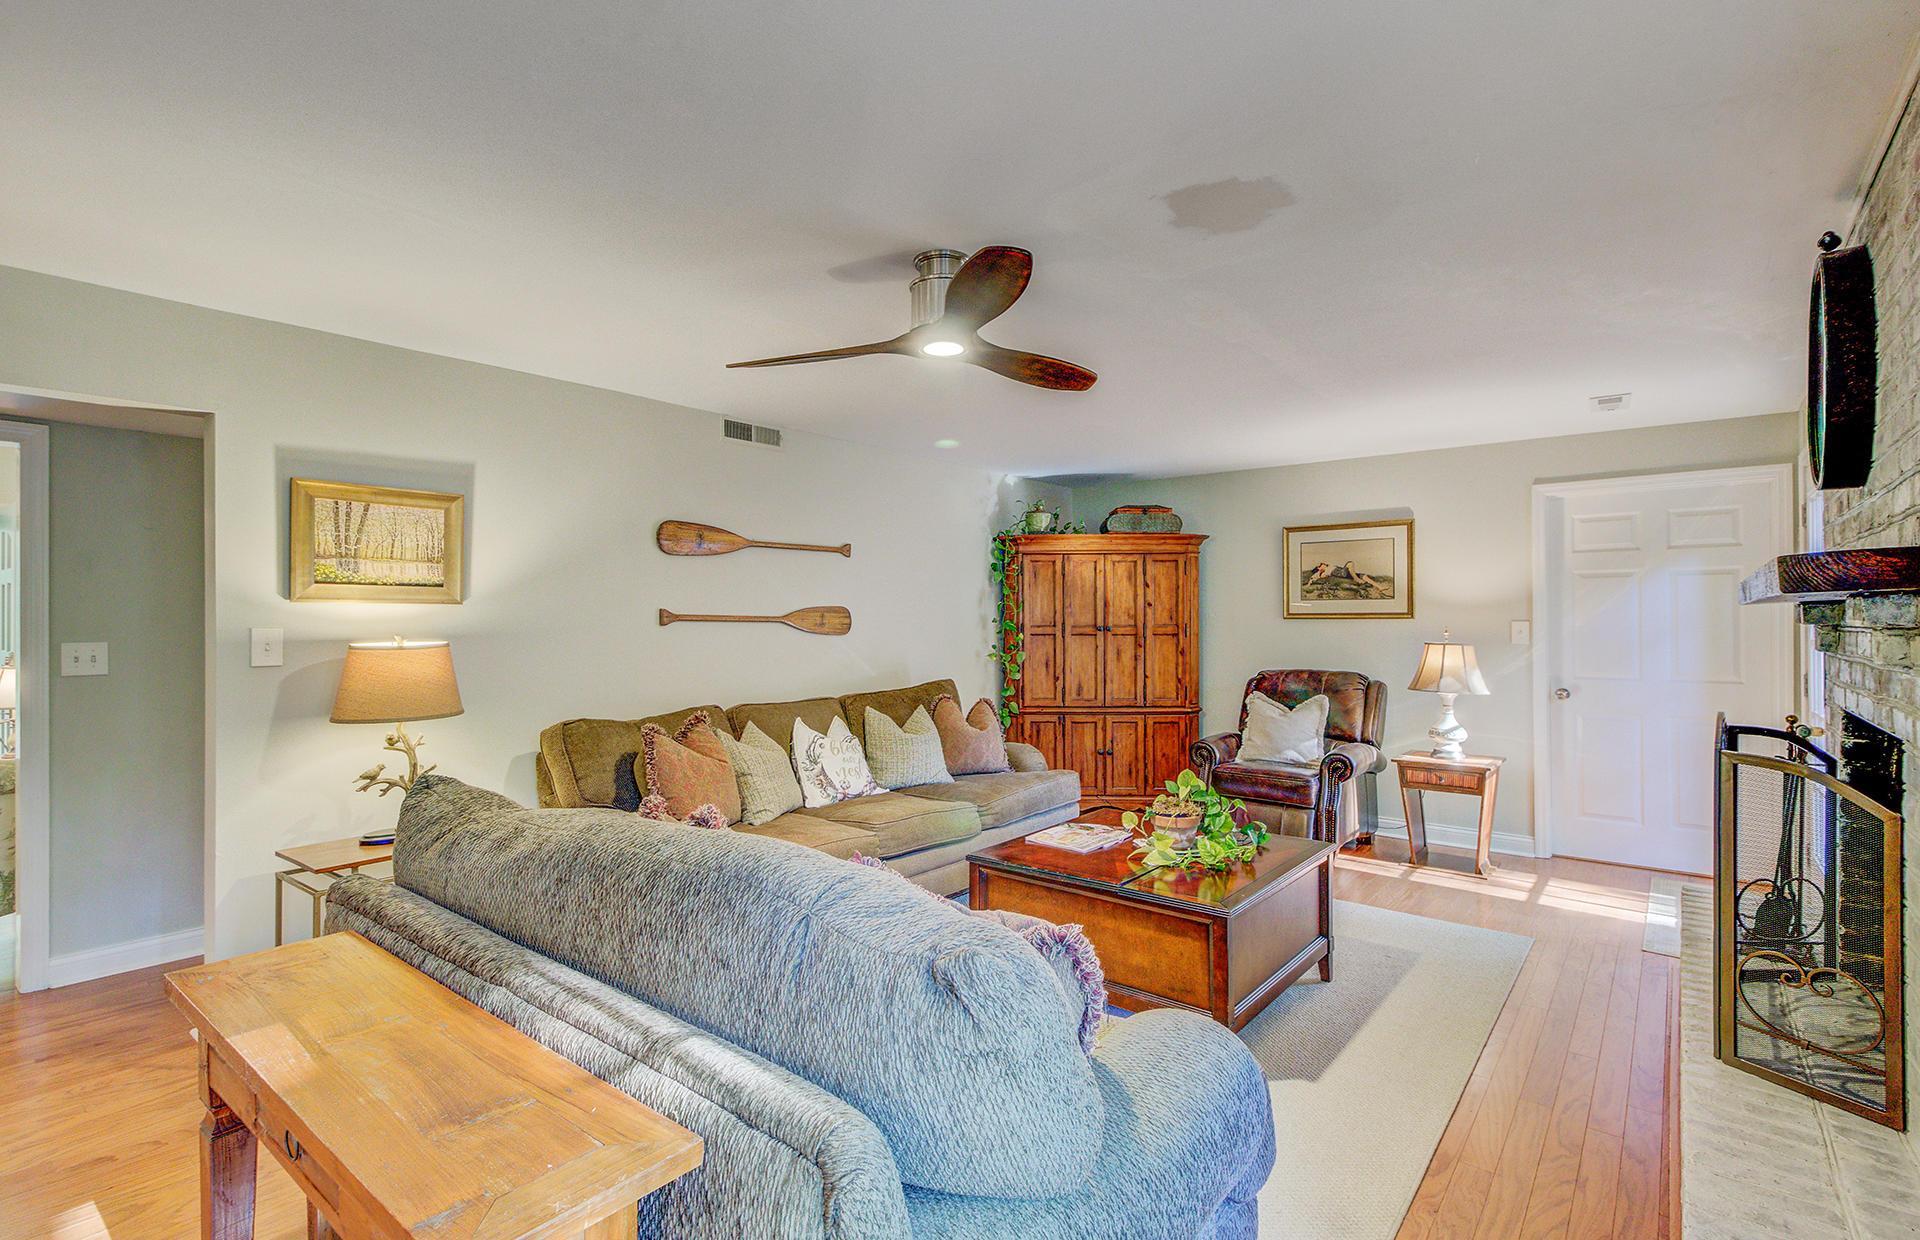 Pine Forest Inn Homes For Sale - 543 Simmons, Summerville, SC - 54